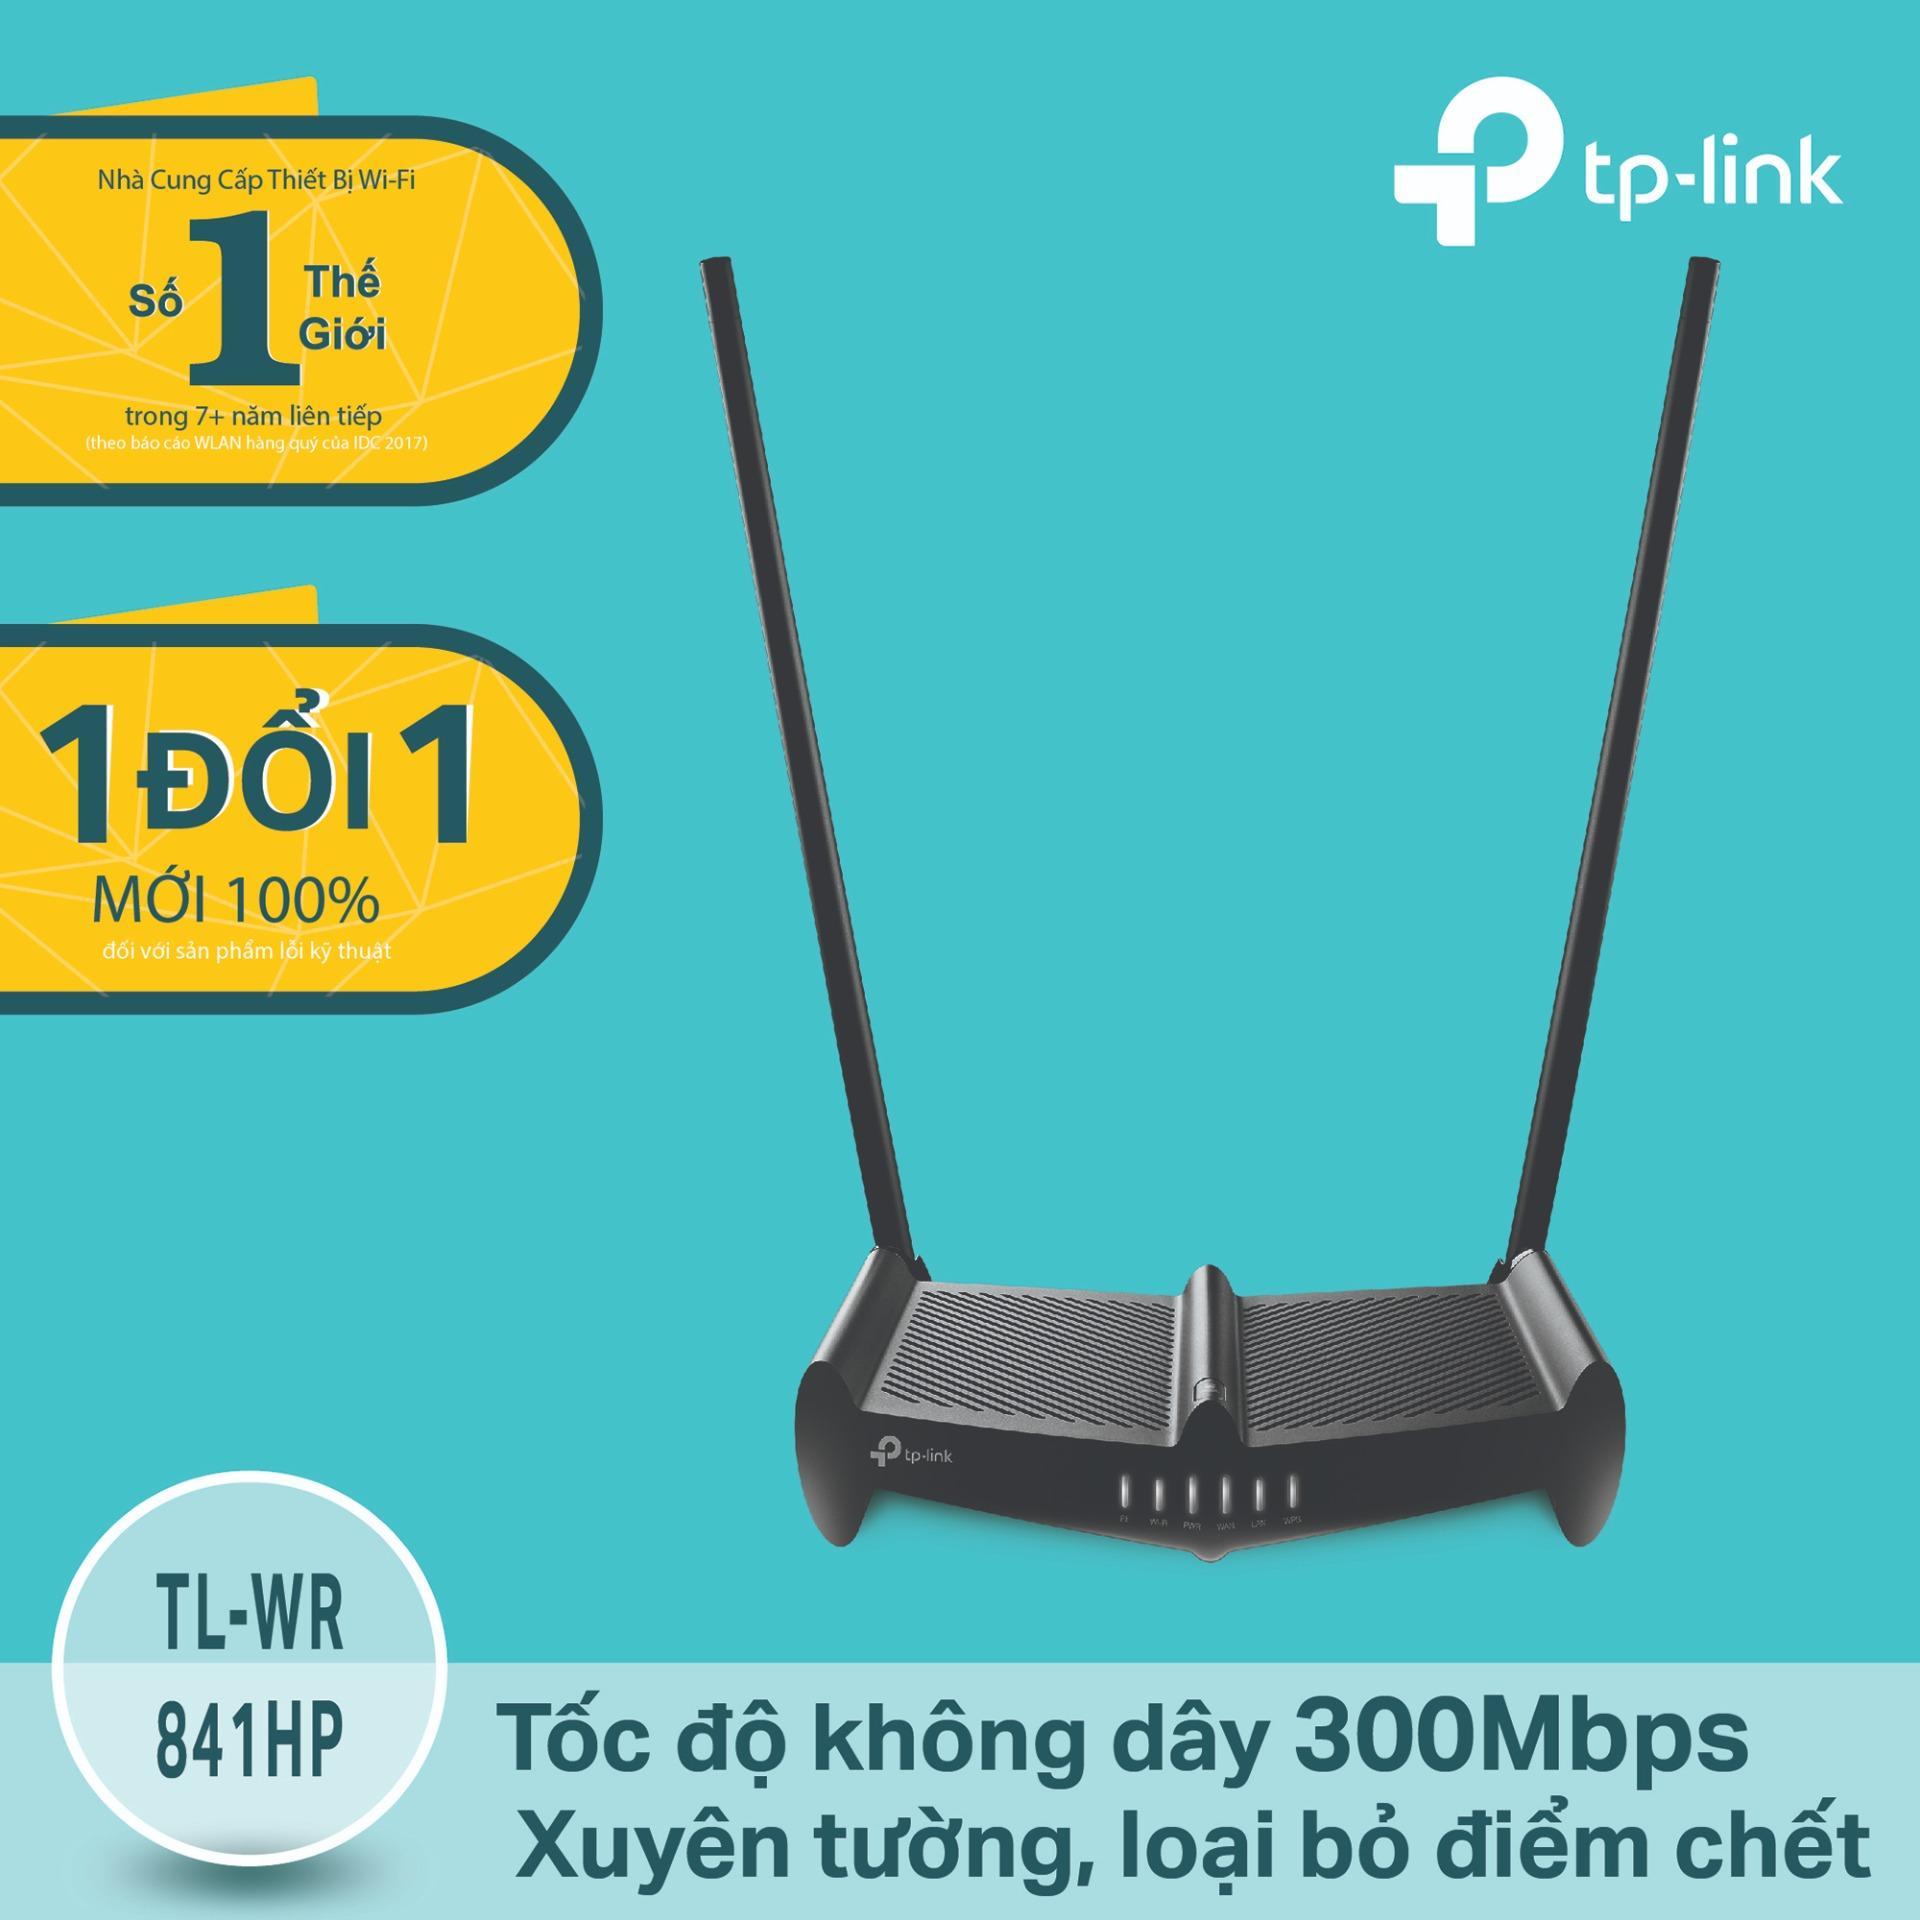 Cửa Hàng Tp Link Tl Wr841Hp Router Wi Fi Chuẩn N 300Mbps Cong Suất Cao Hang Phan Phối Chinh Thức Hồ Chí Minh